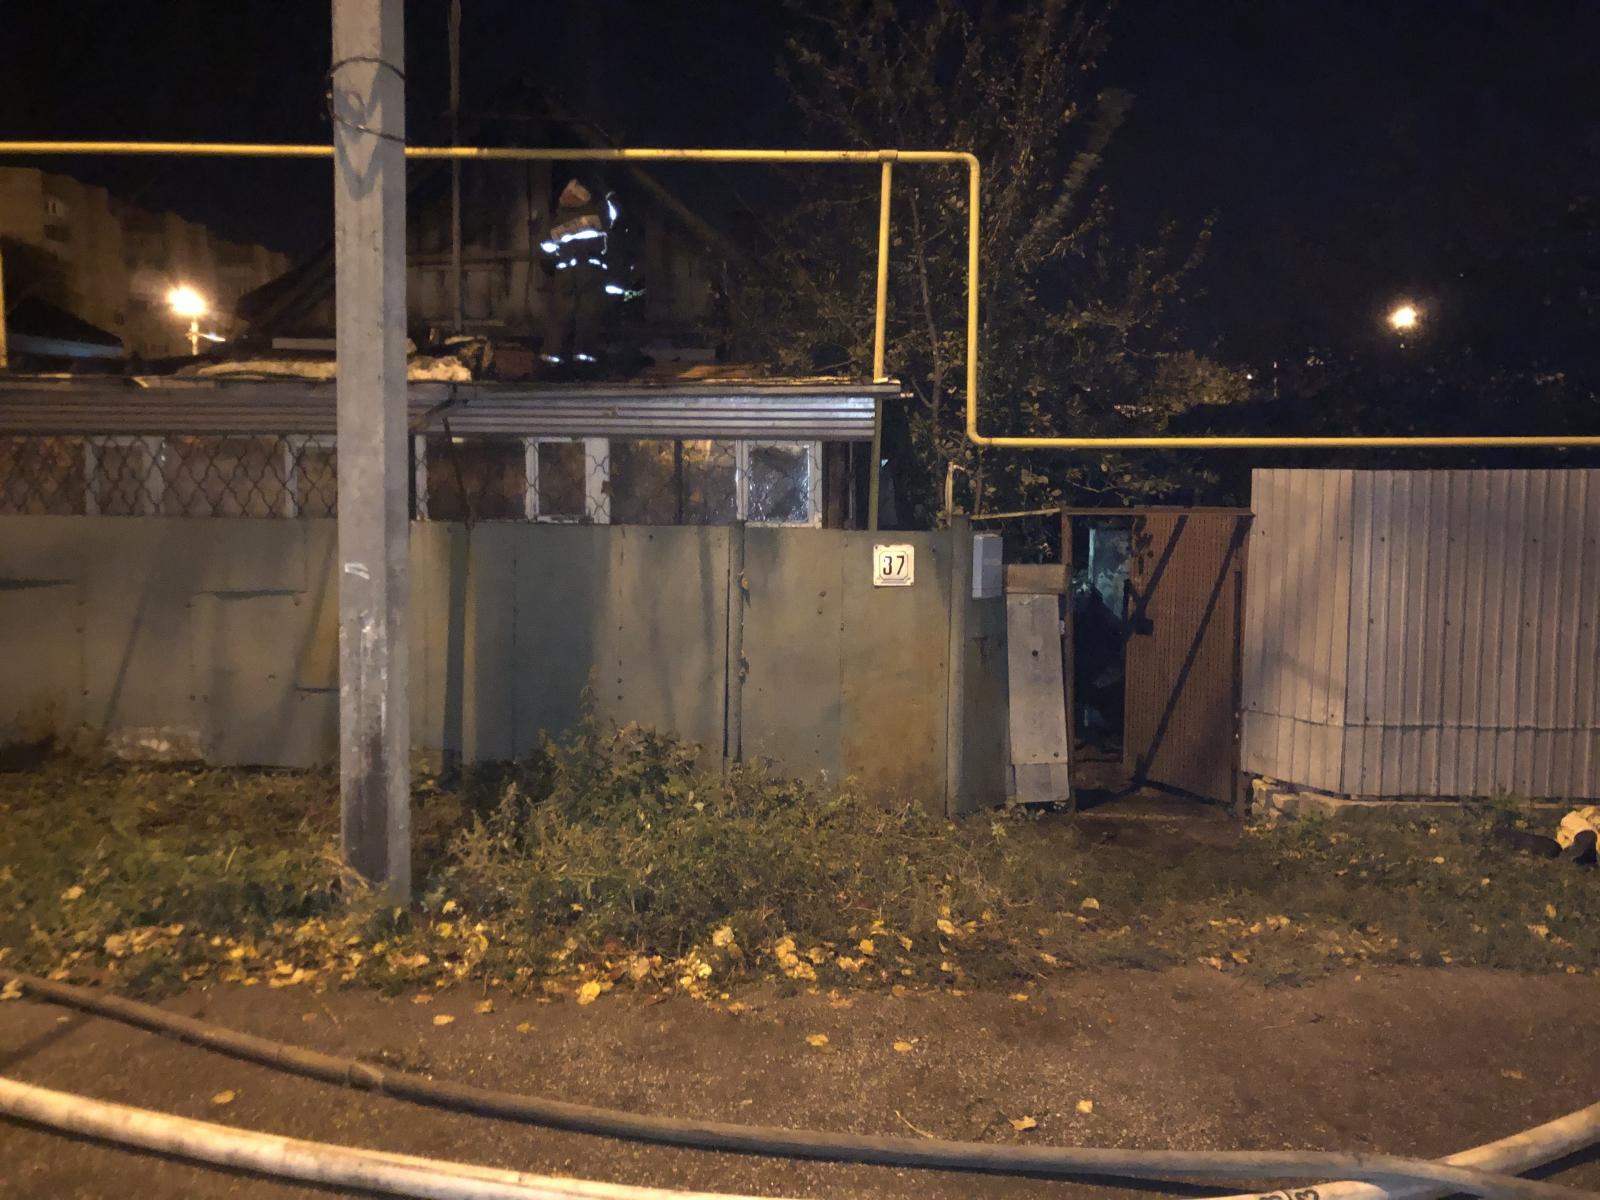 Возможен поджог: В Тольятти после пожара с погибшими завели дело об убийстве